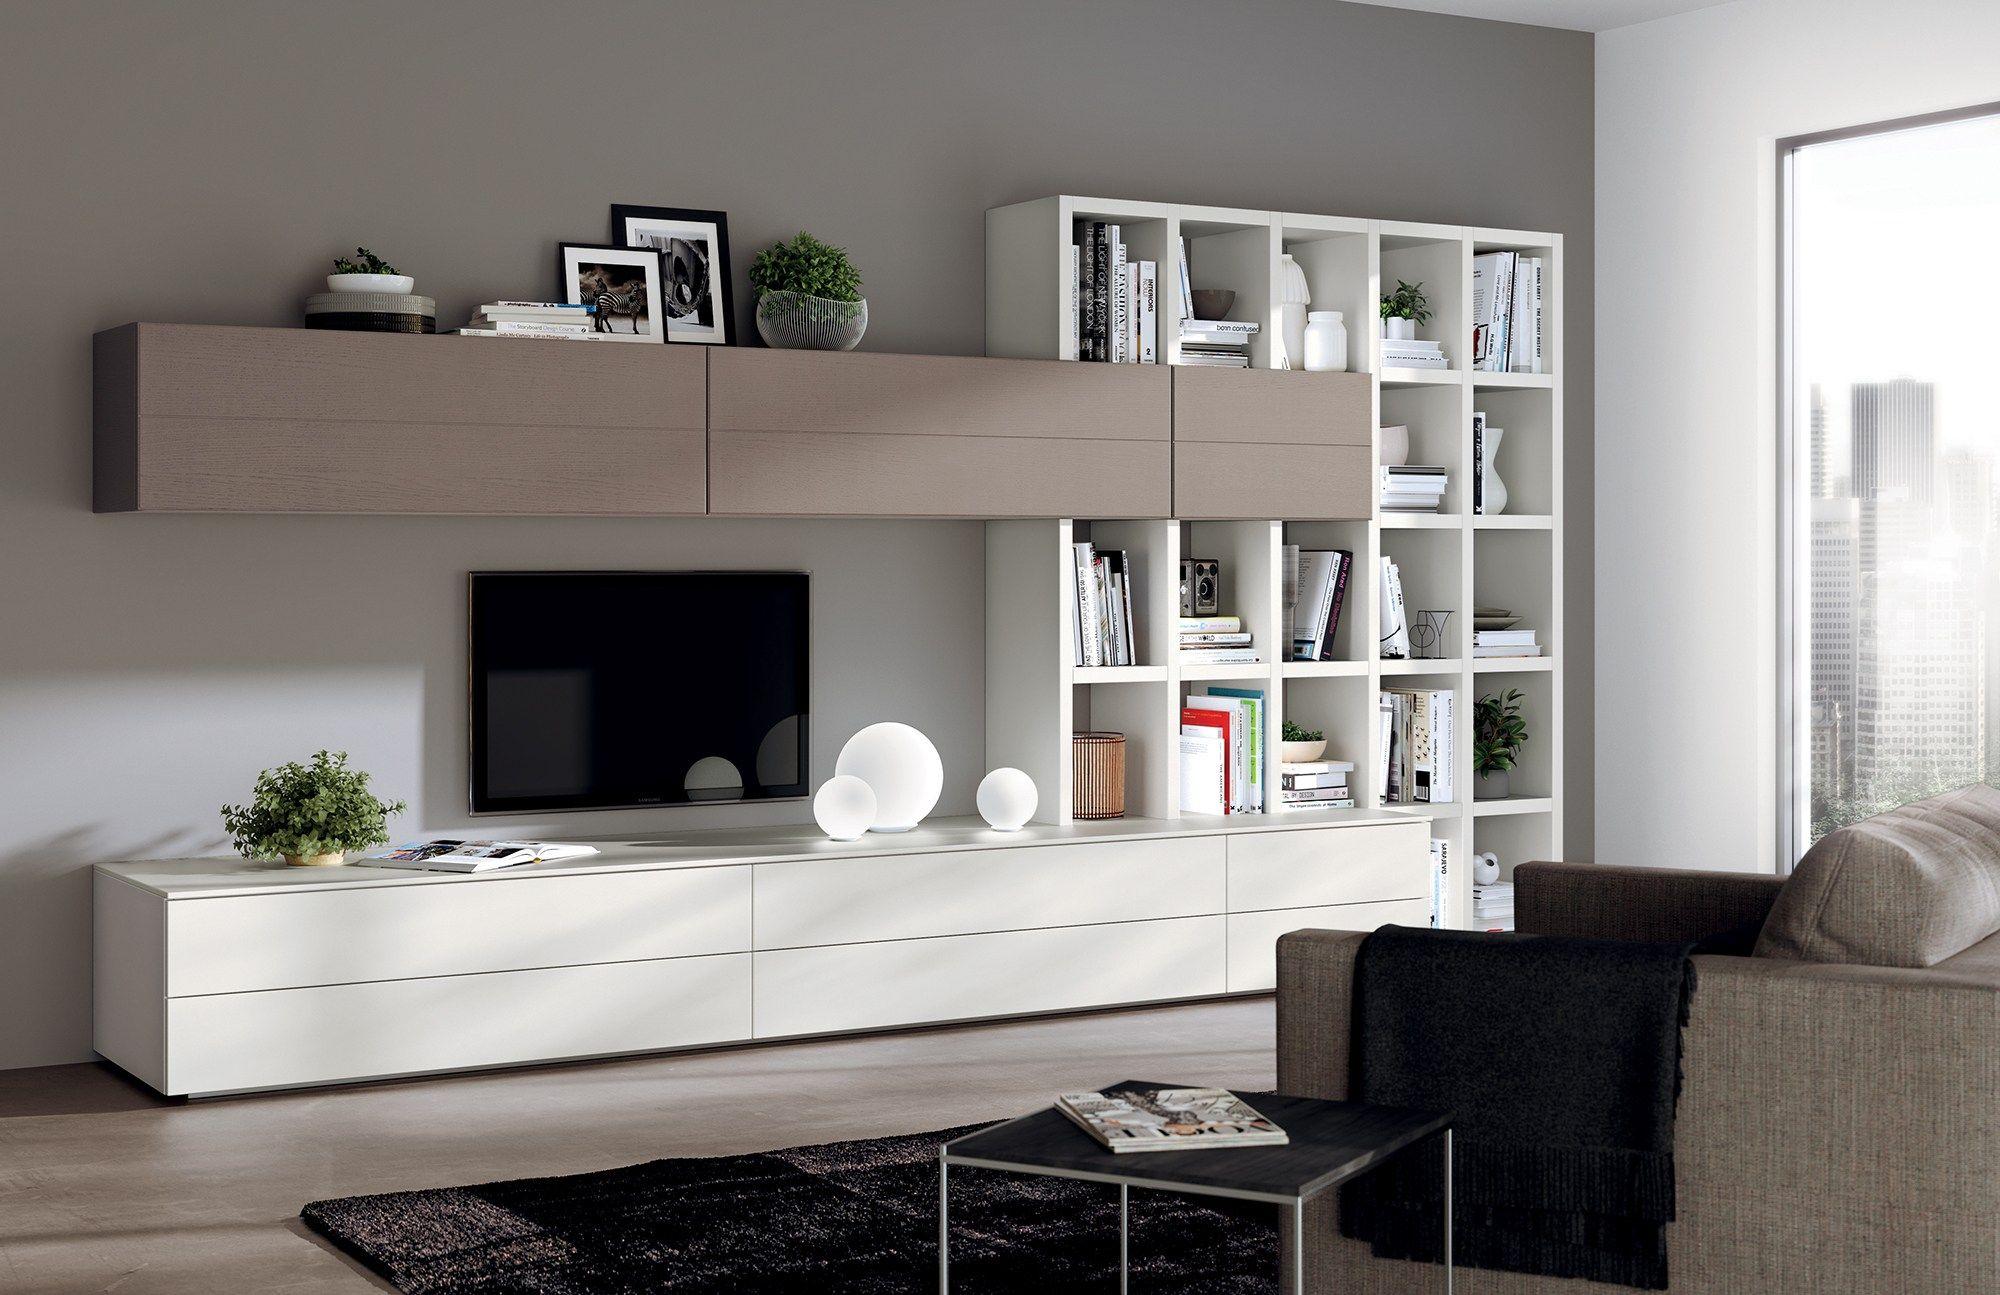 Stunning Cucine Scavolini Prezzi Offerte Contemporary - Design ...